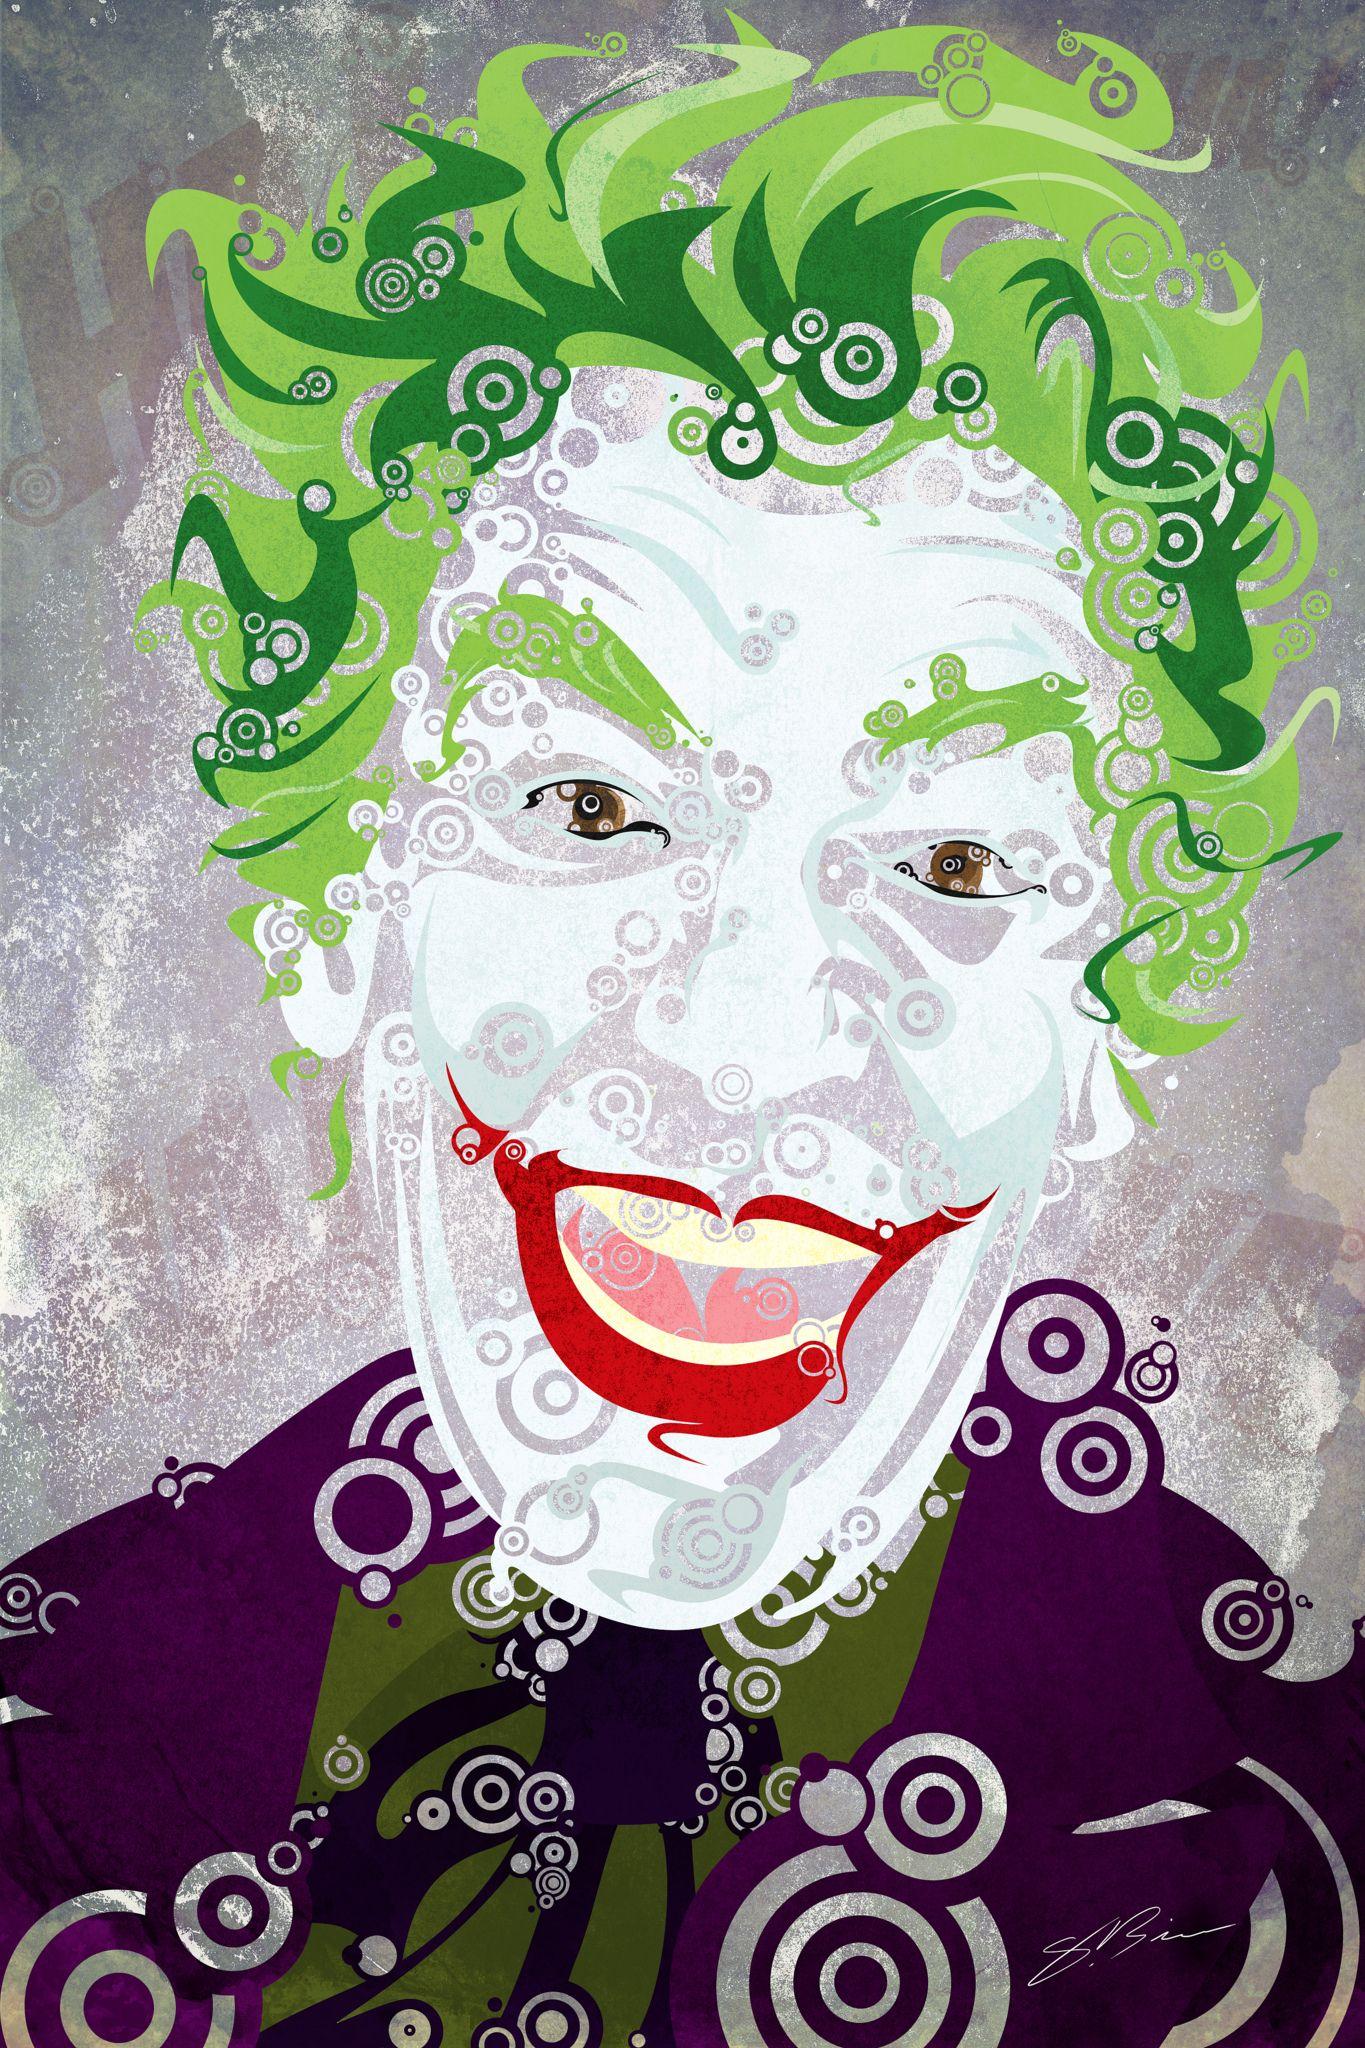 Más tamaños | The Clown Prince 60 | Flickr: ¡Intercambio de fotos!